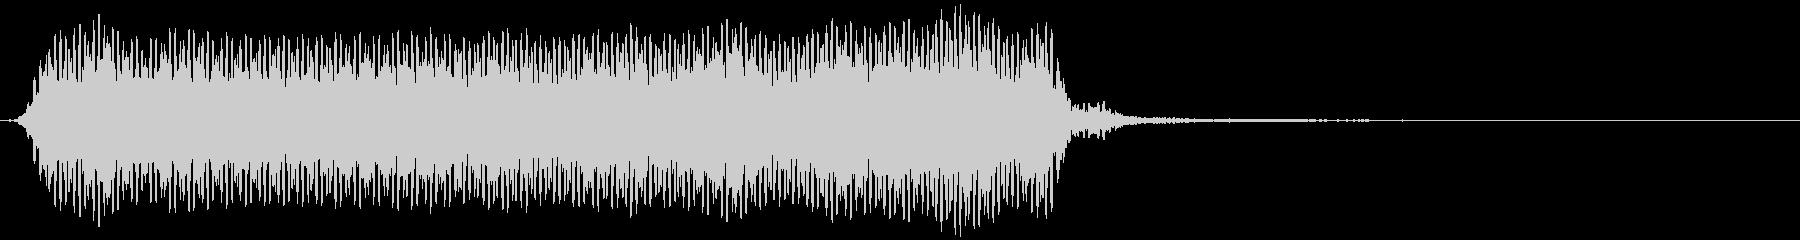 汽笛 ホーッの未再生の波形